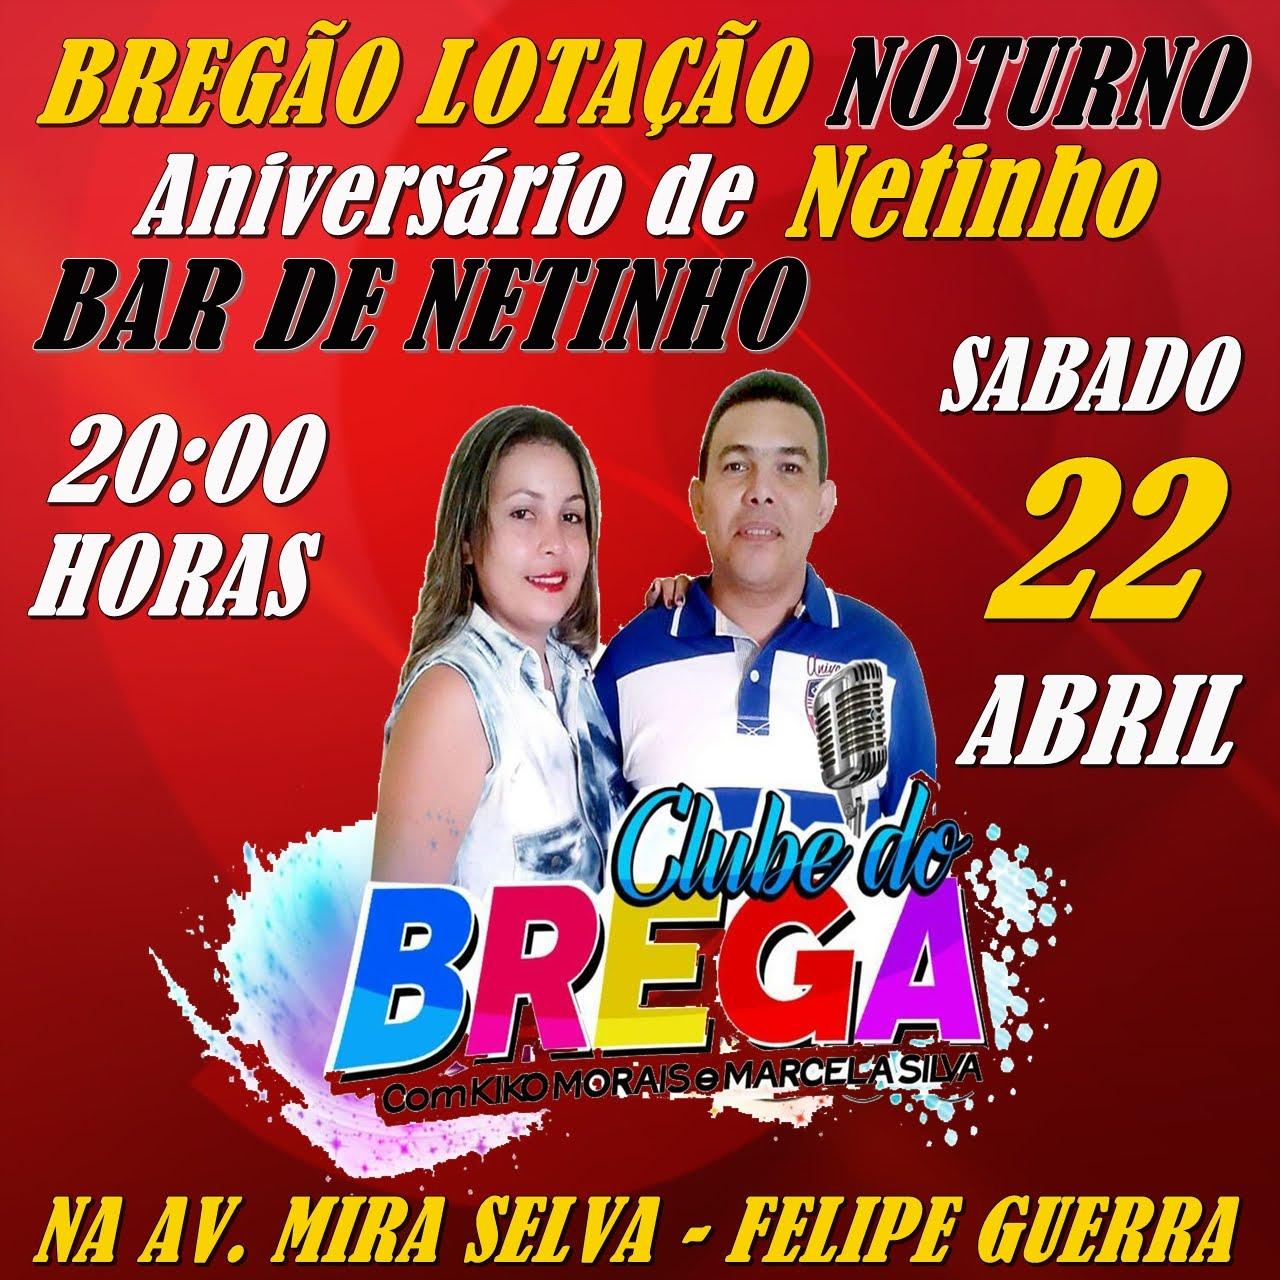 BREGÃO LOTAÇÃO NOTURNO NO BAR DE NETINHO - FELIPE GUERRA